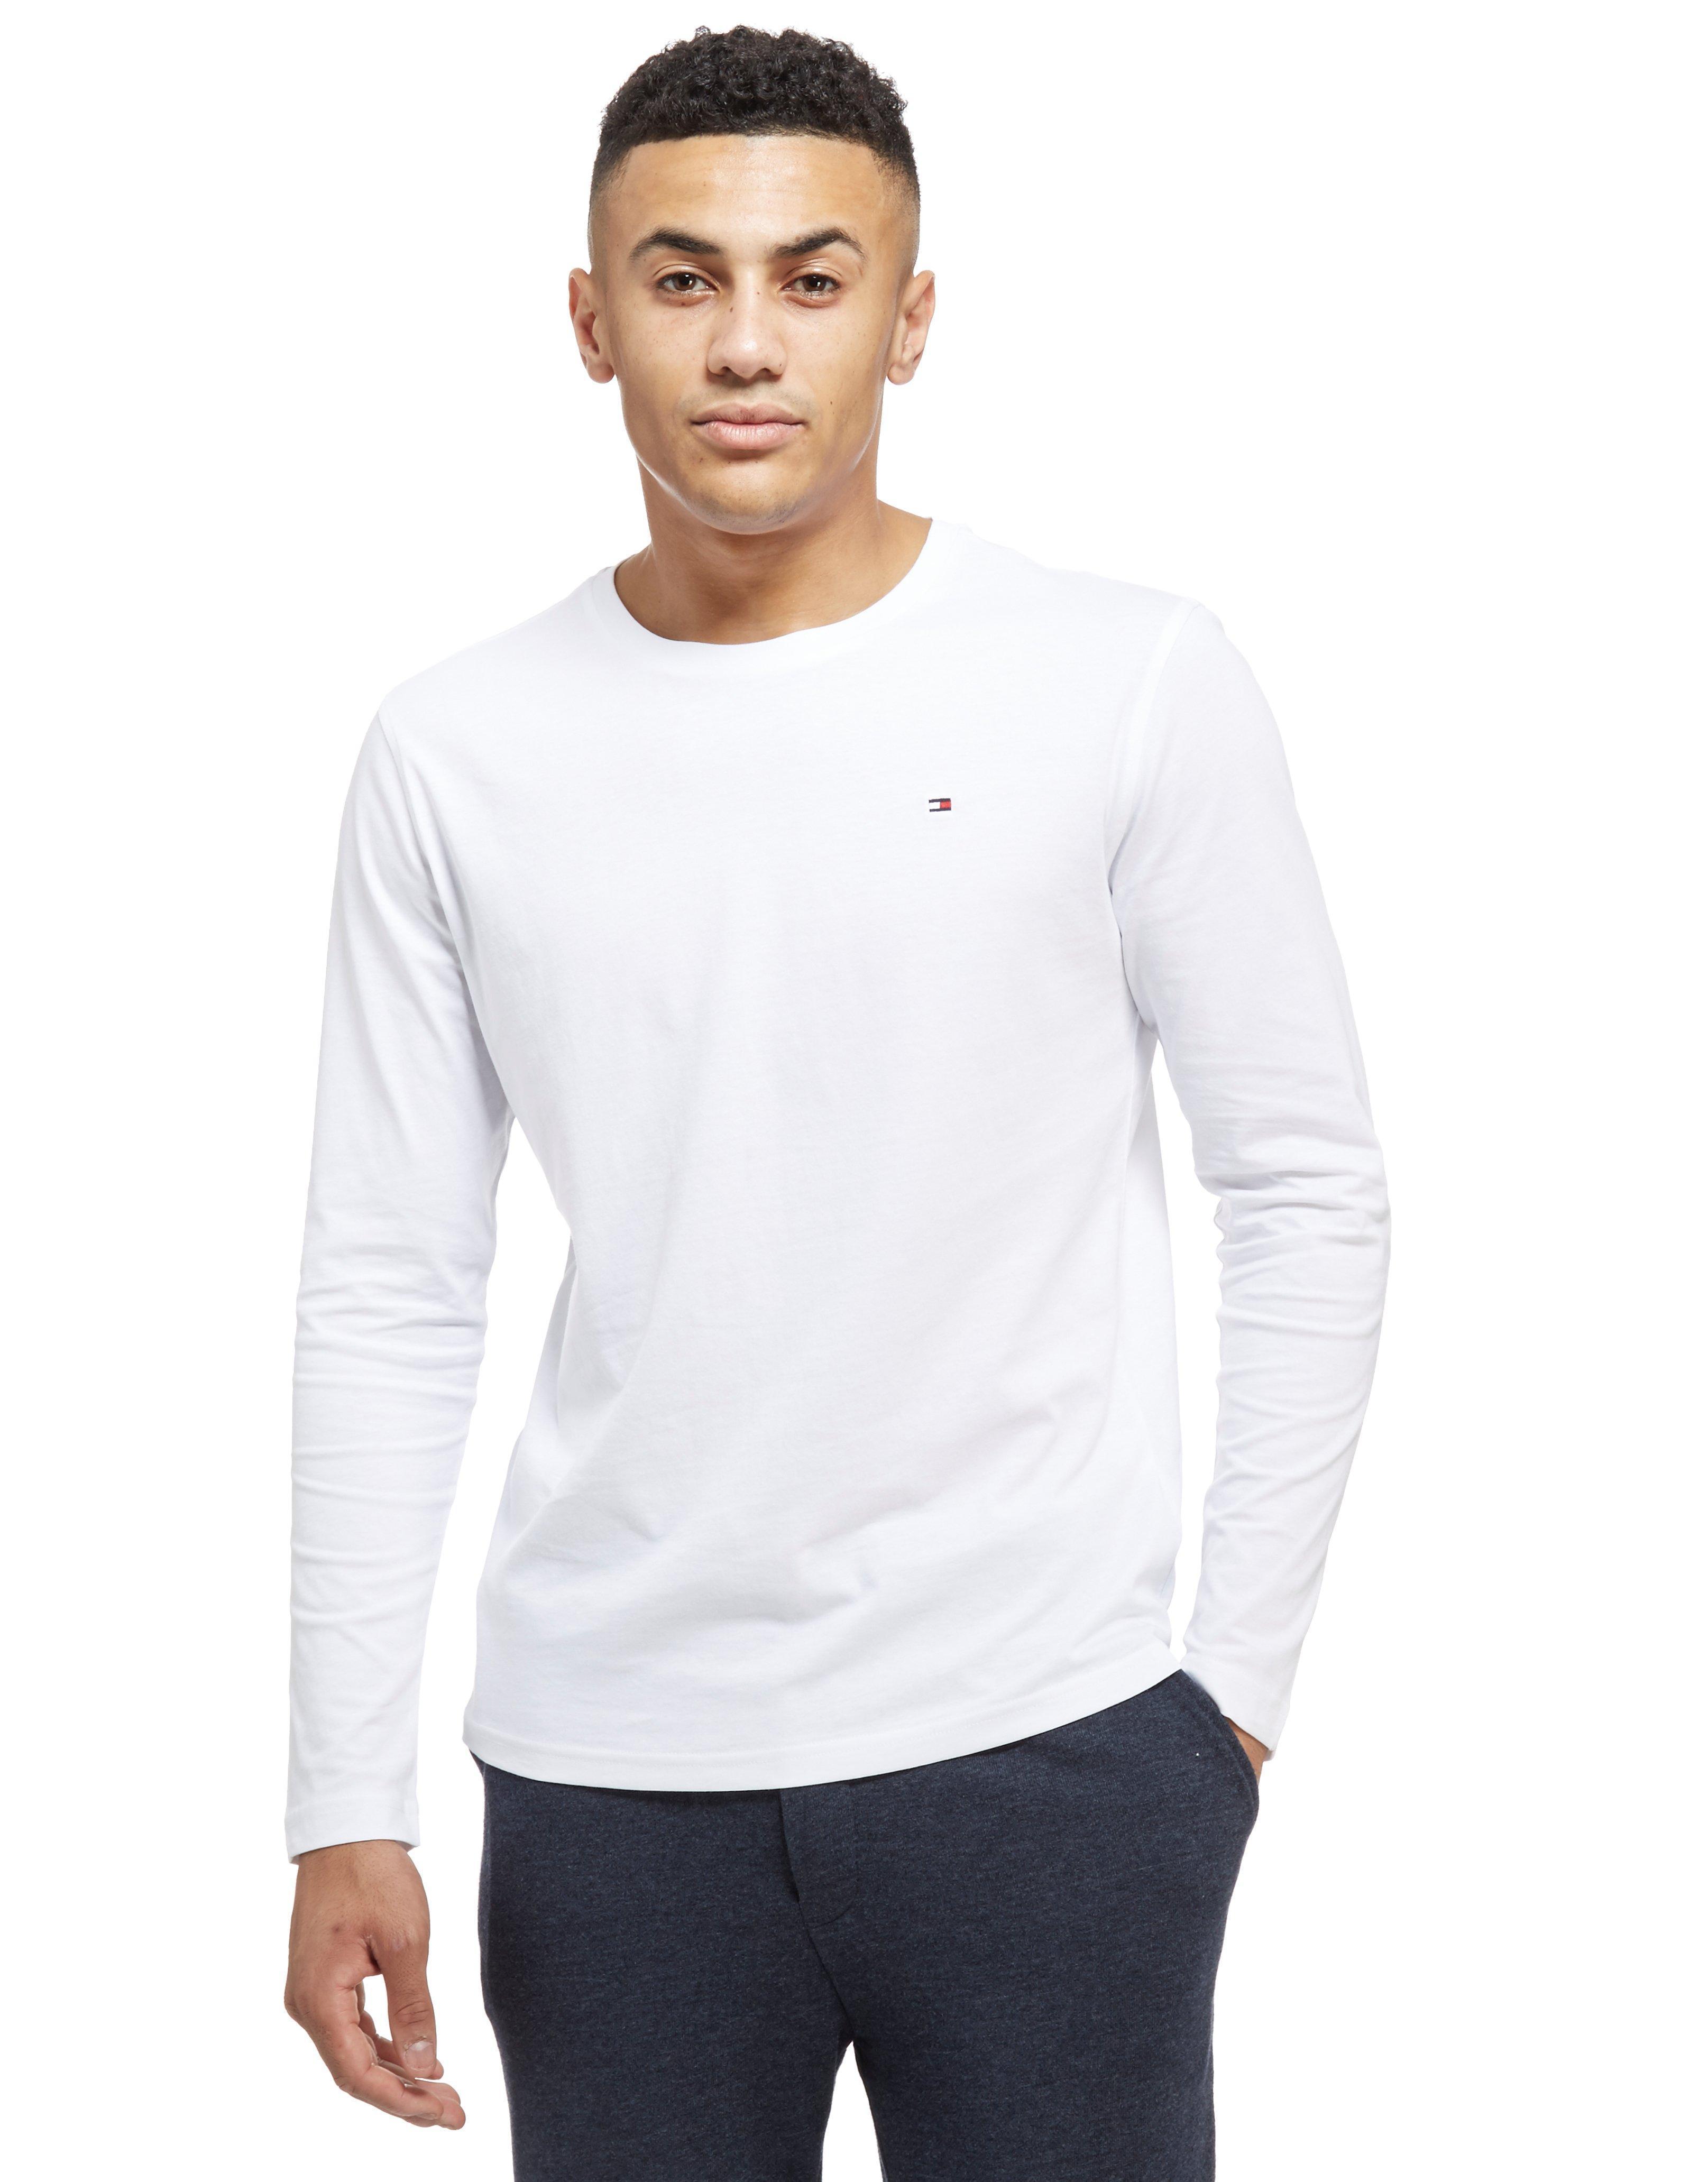 lyst tommy hilfiger longsleeve t shirt in white for men. Black Bedroom Furniture Sets. Home Design Ideas